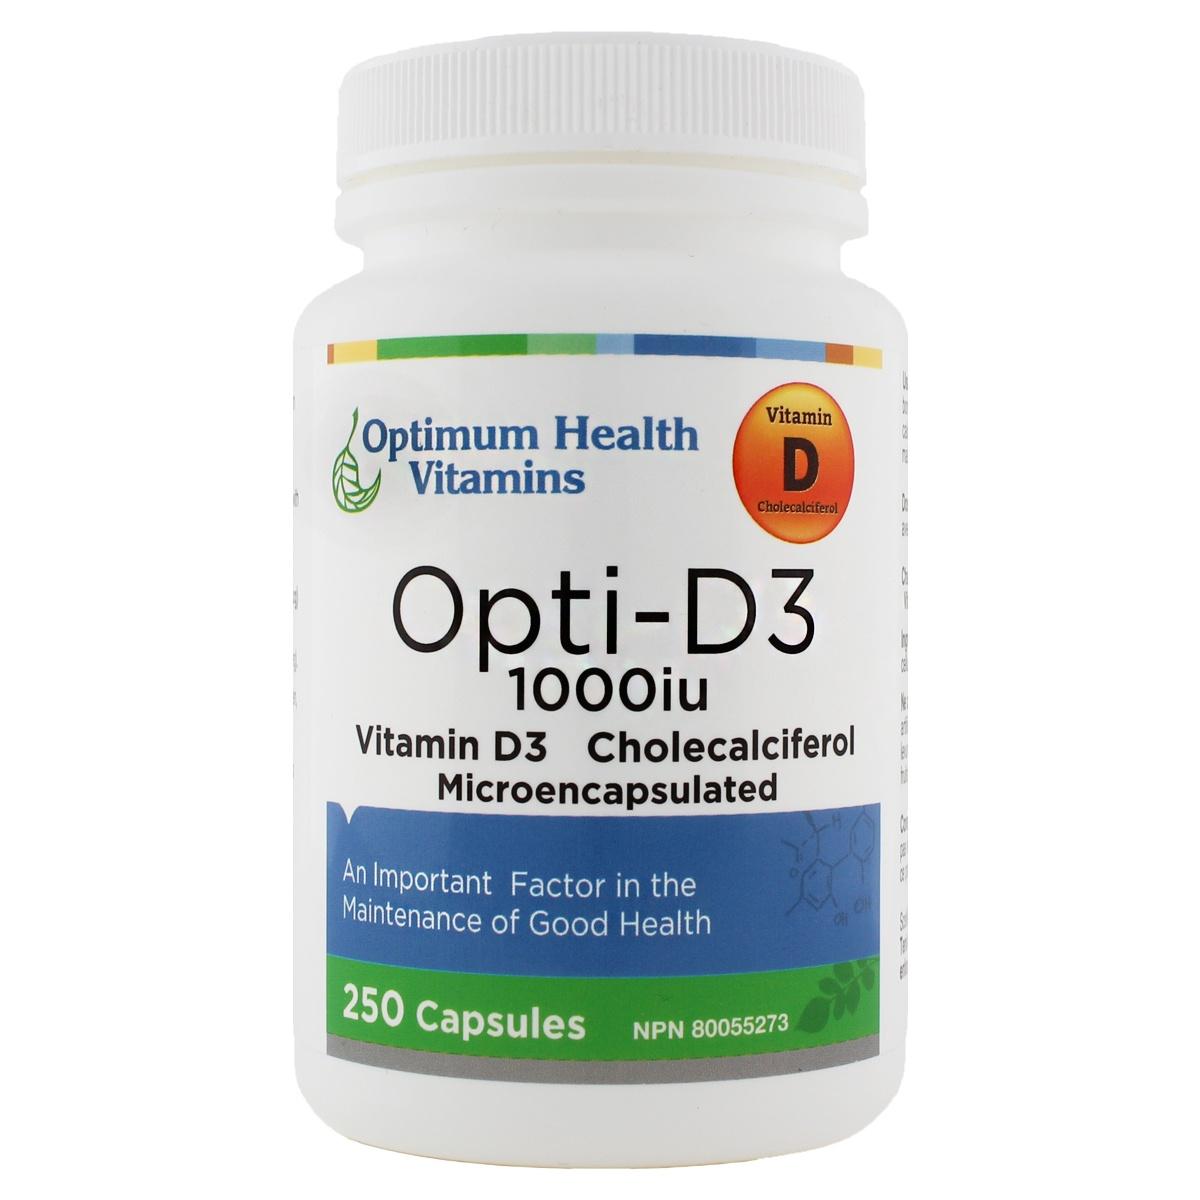 Optimum Health Vitamins Opti – D3 1000iu